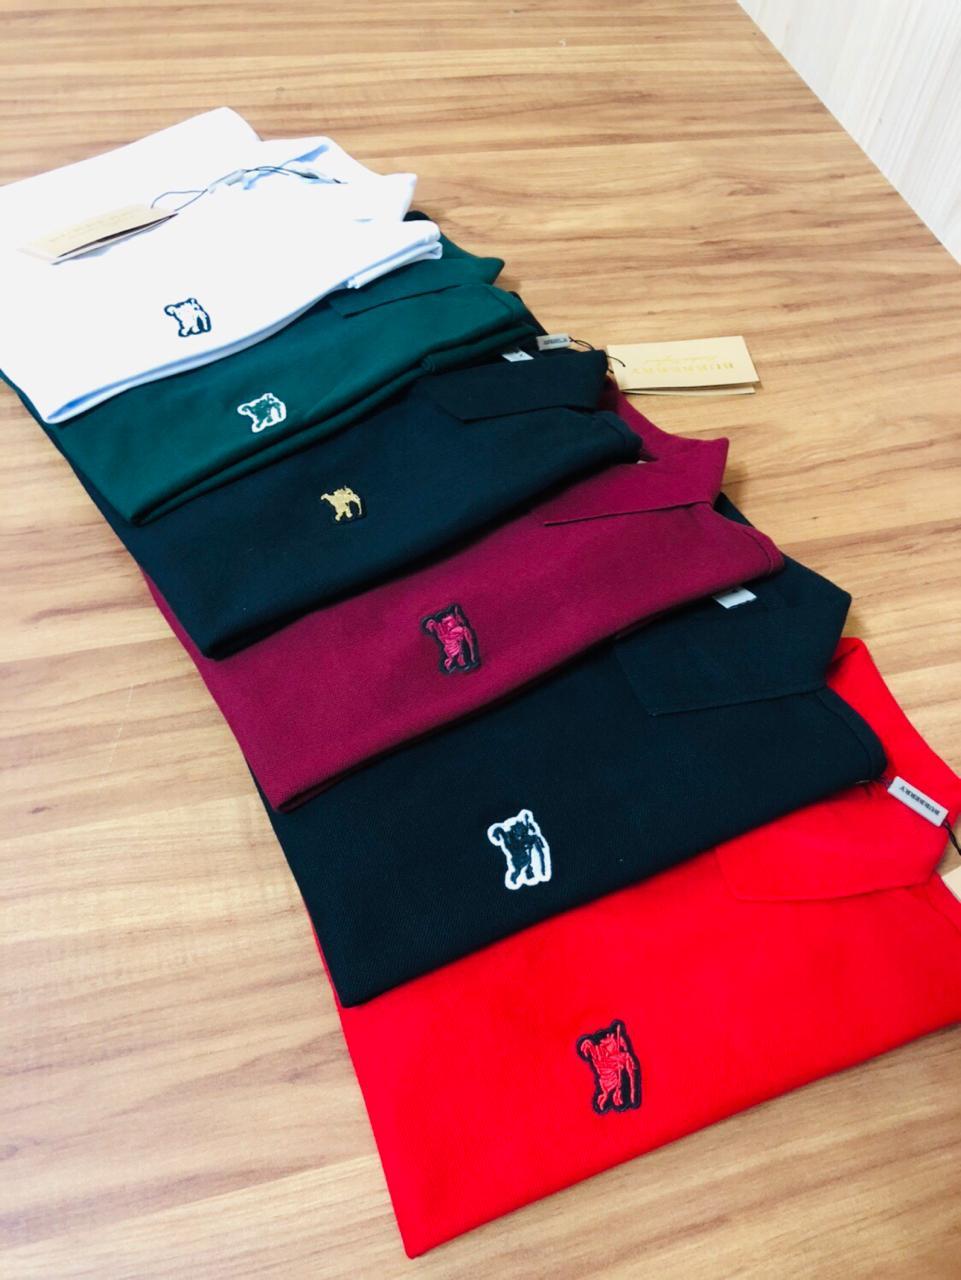 Kit Especial 4 Camisetas Diferenciadas